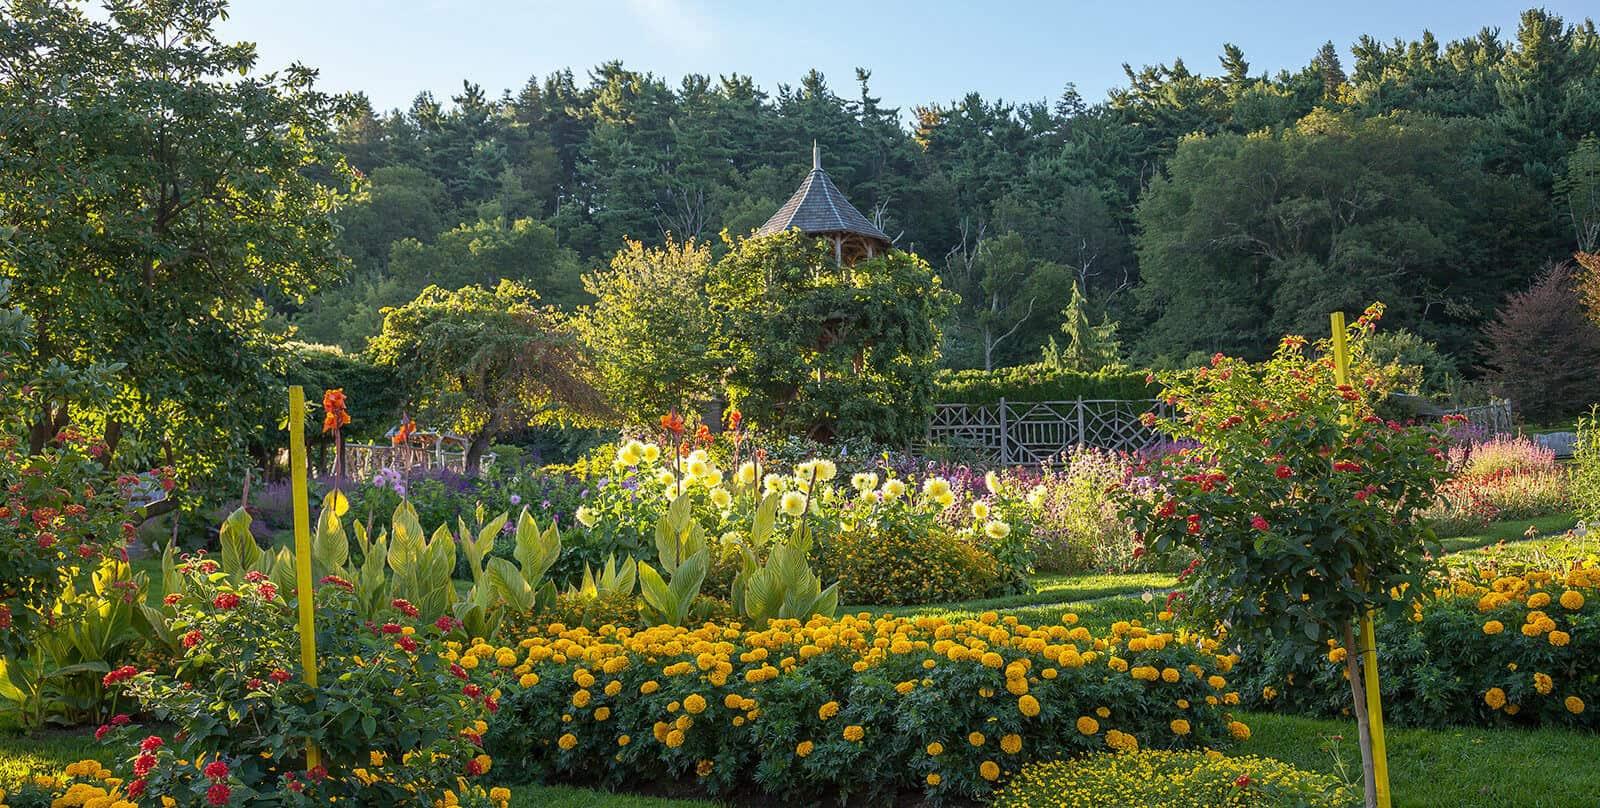 Mohonk gardens